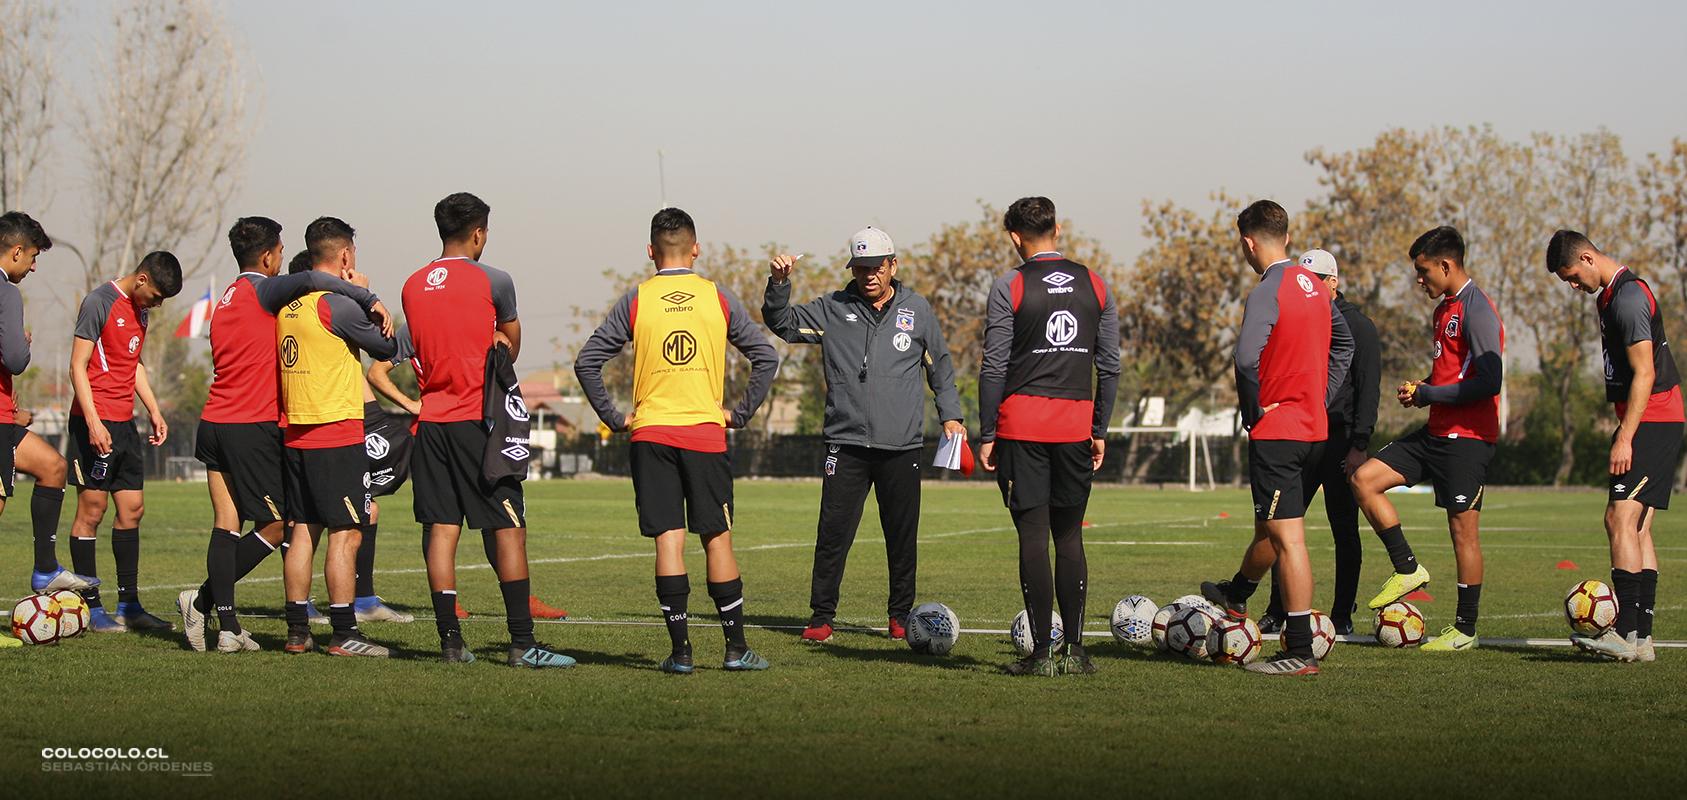 Los pies en la tierra y menos redes sociales: Los consejos de María Fernanda Valdés a los jugadores del Fútbol Joven